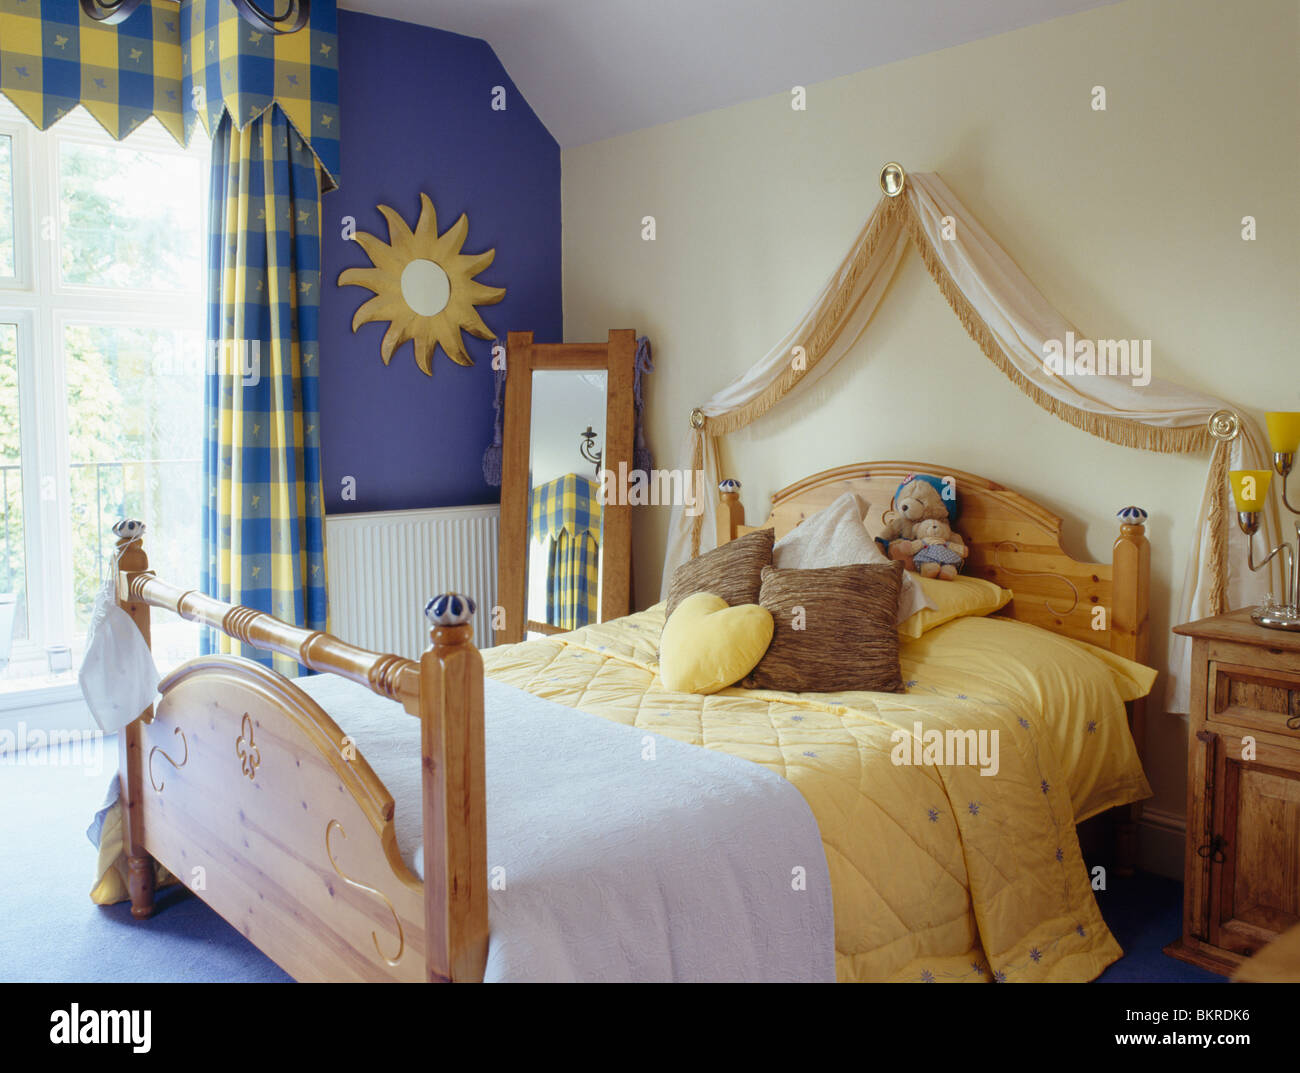 Blaue Wand Neben Fenster Mit Blau + Gelb Aufgegebenes Vorhänge In Kleinen  Schlafzimmer Mit Drapierten Stoff über Kiefer Bett Mit Gelben Quilt